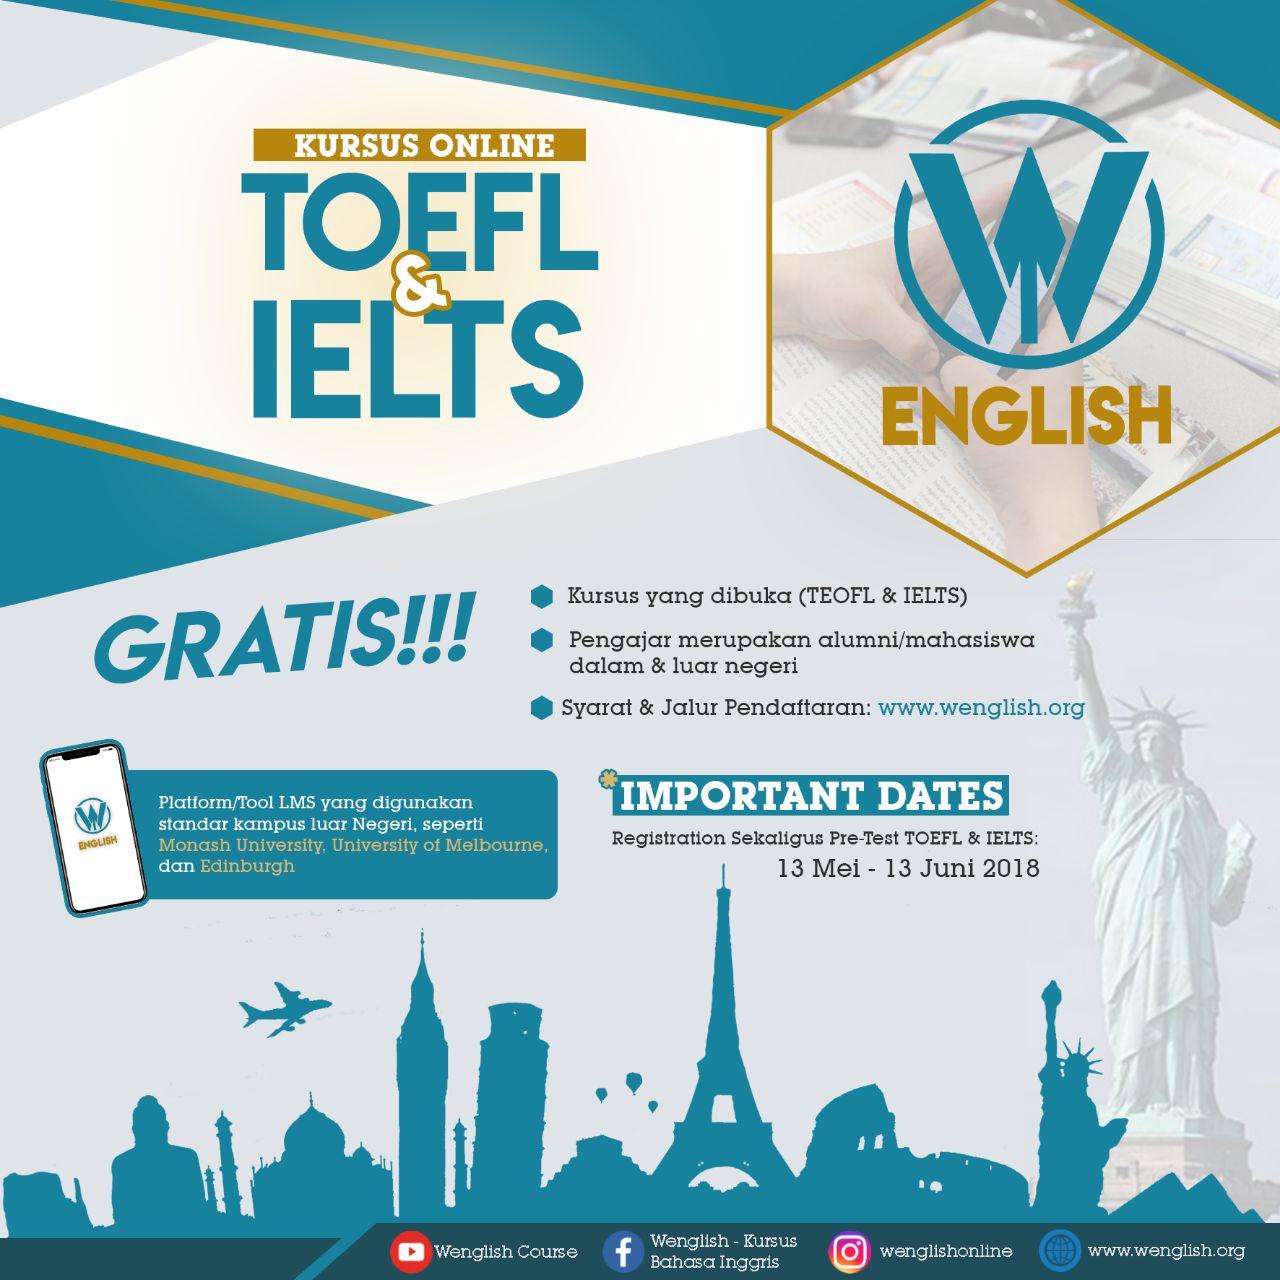 Kursus TOEFL & IELTS